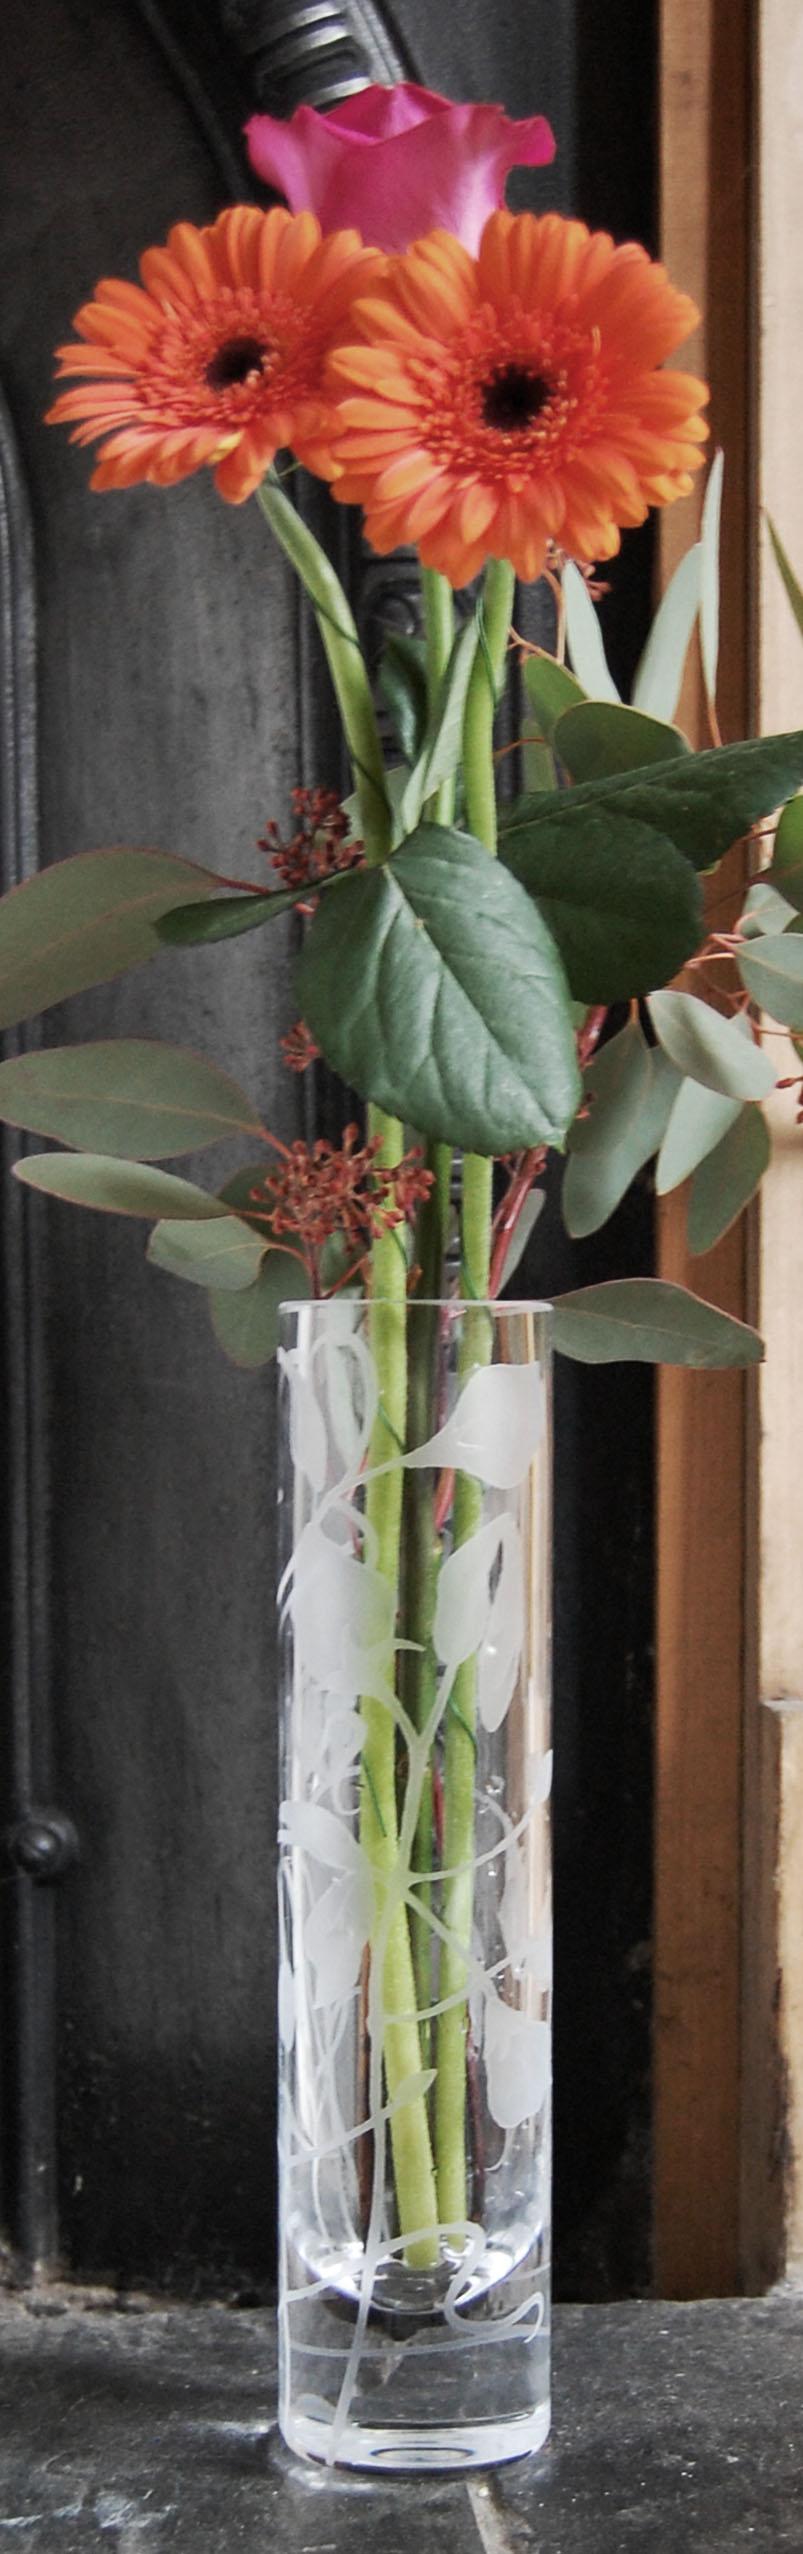 LSA, column, vase, poppy